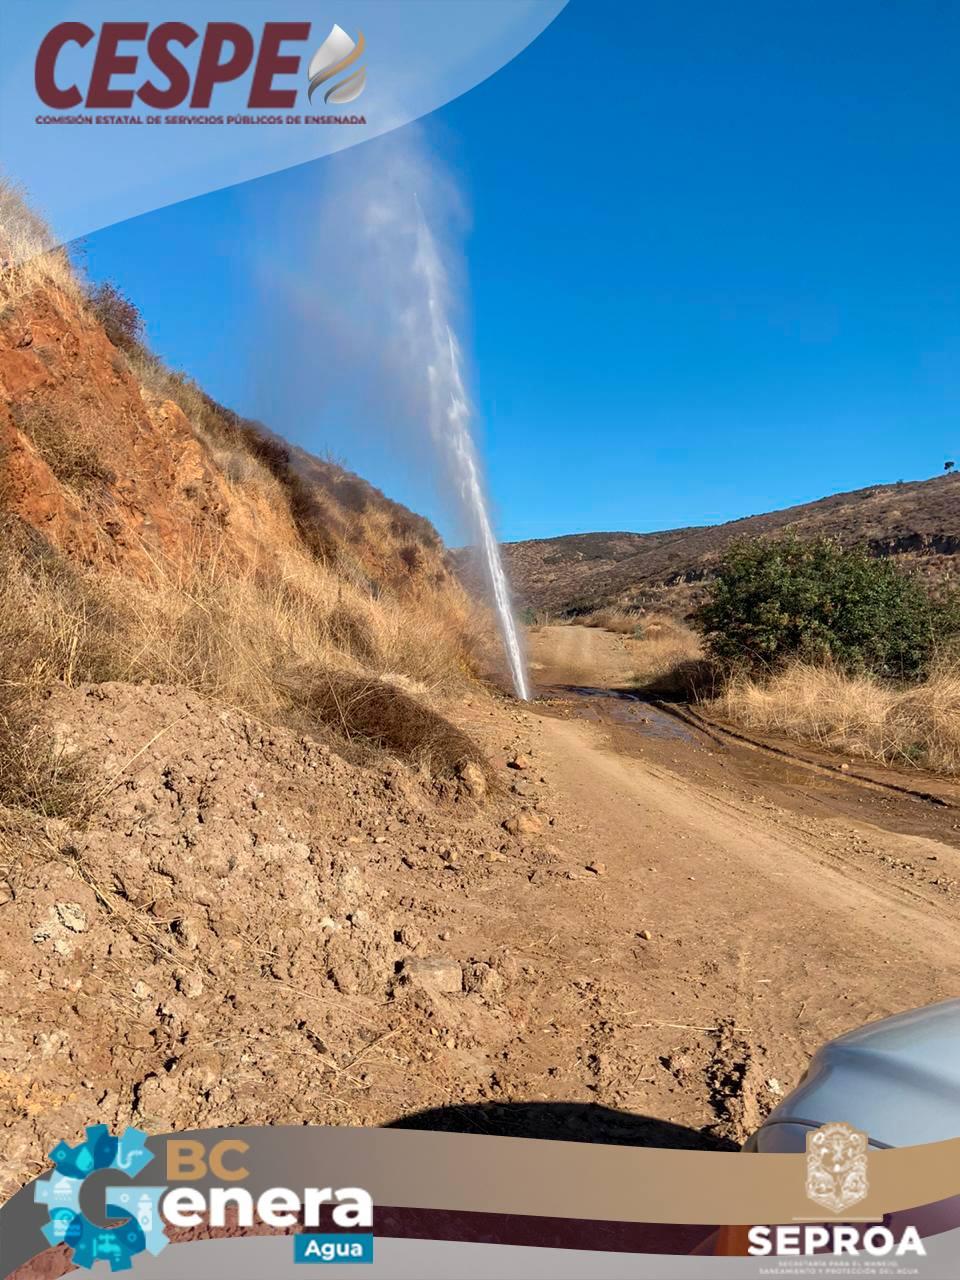 Atiende la CESPE fuga intensa en el Acueducto Morelos a la altura de 4 milpas.